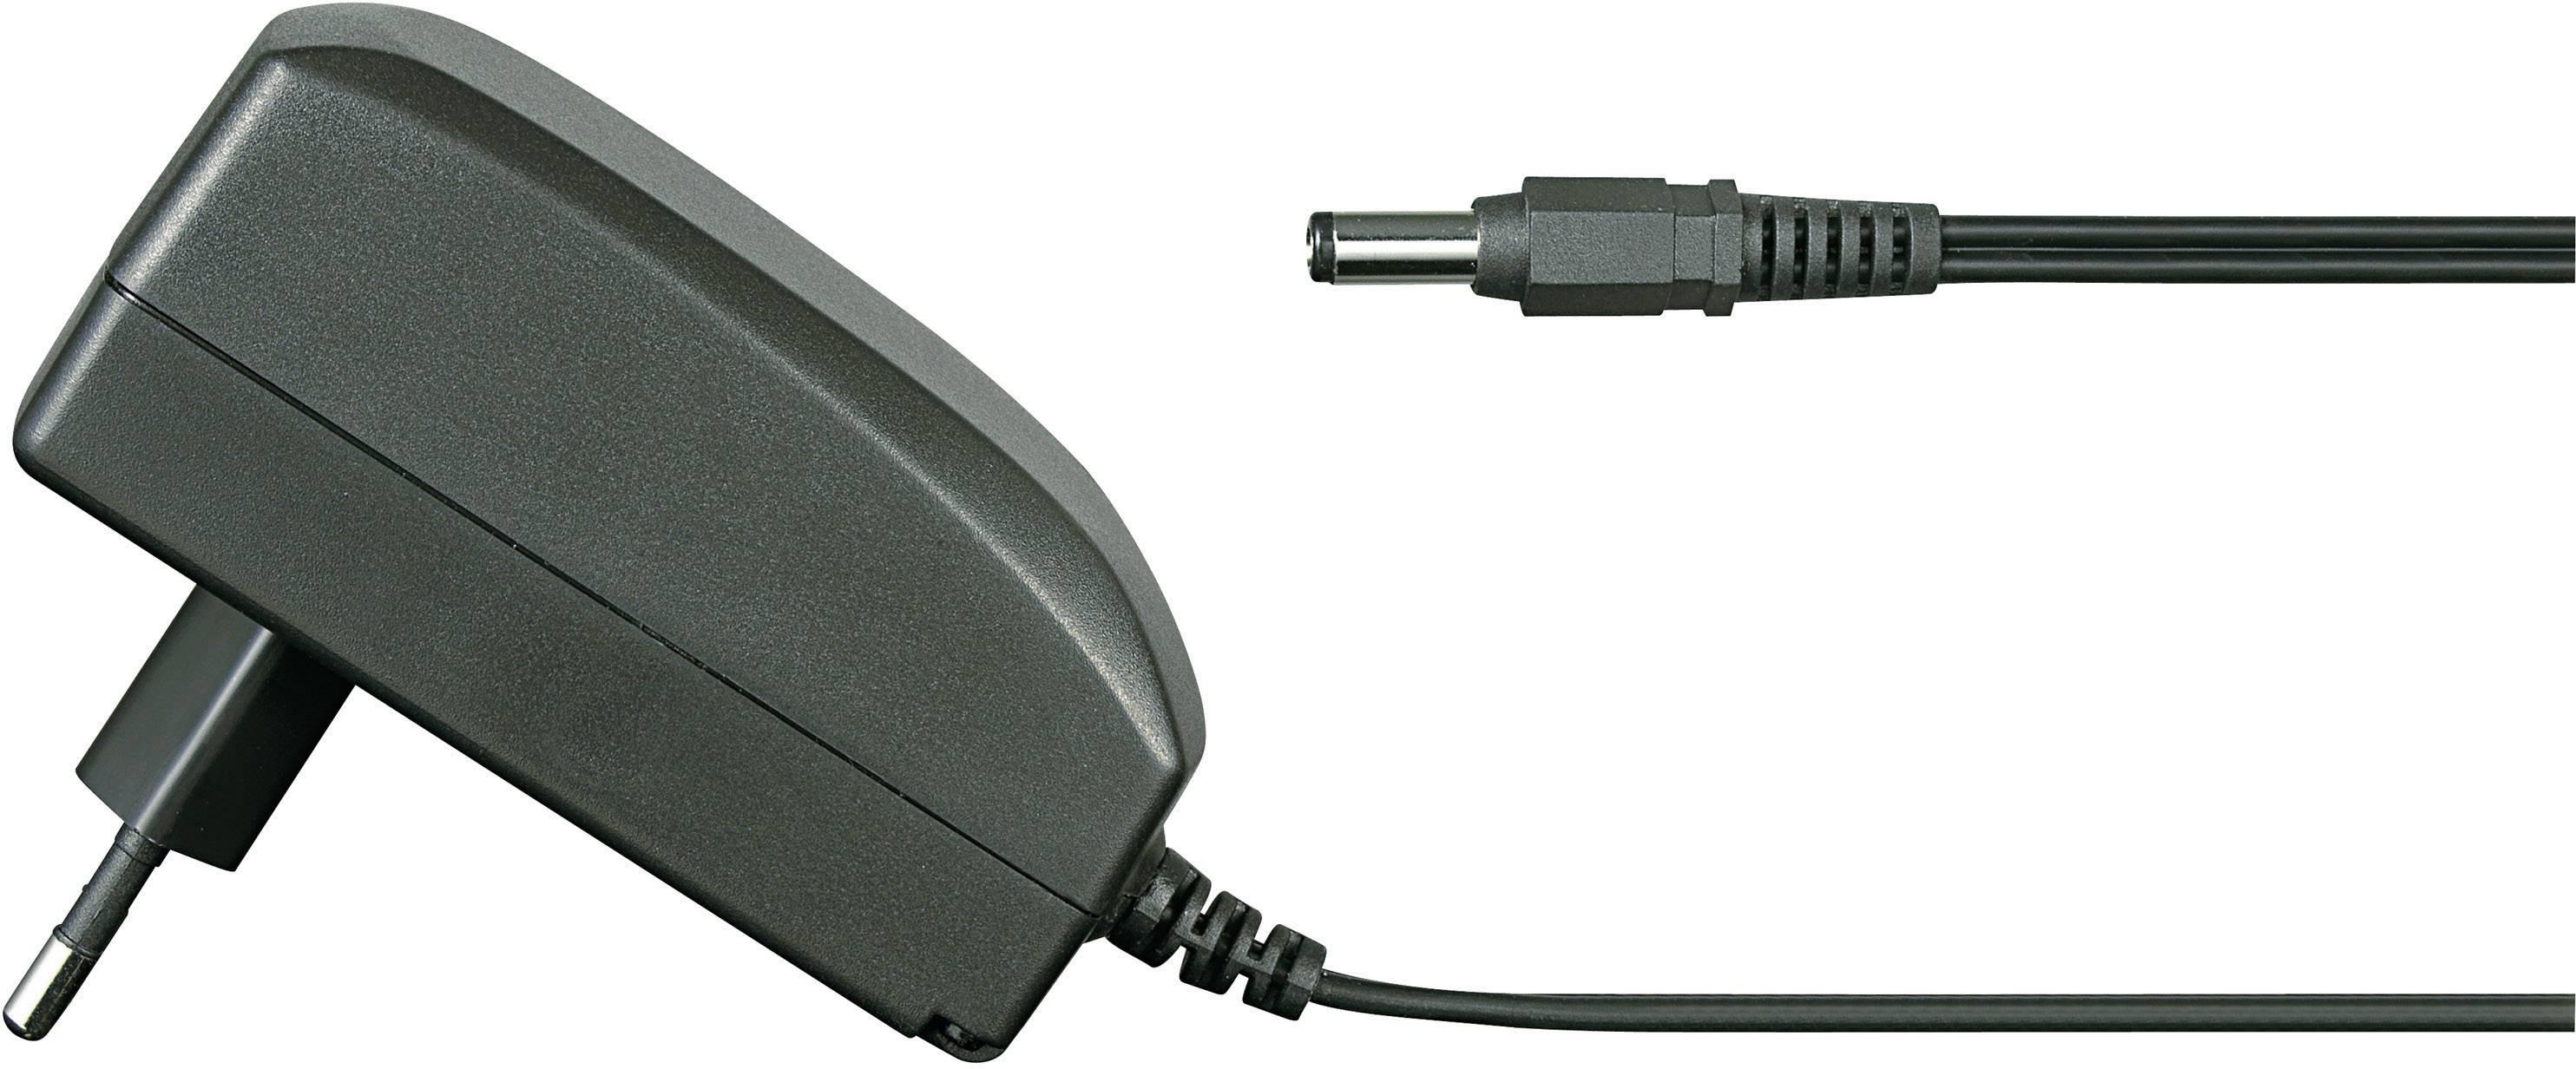 Zásuvkový adaptér so stálym napätím VOLTCRAFT FPPS 9-20W, 20.25 W, 2250 mA